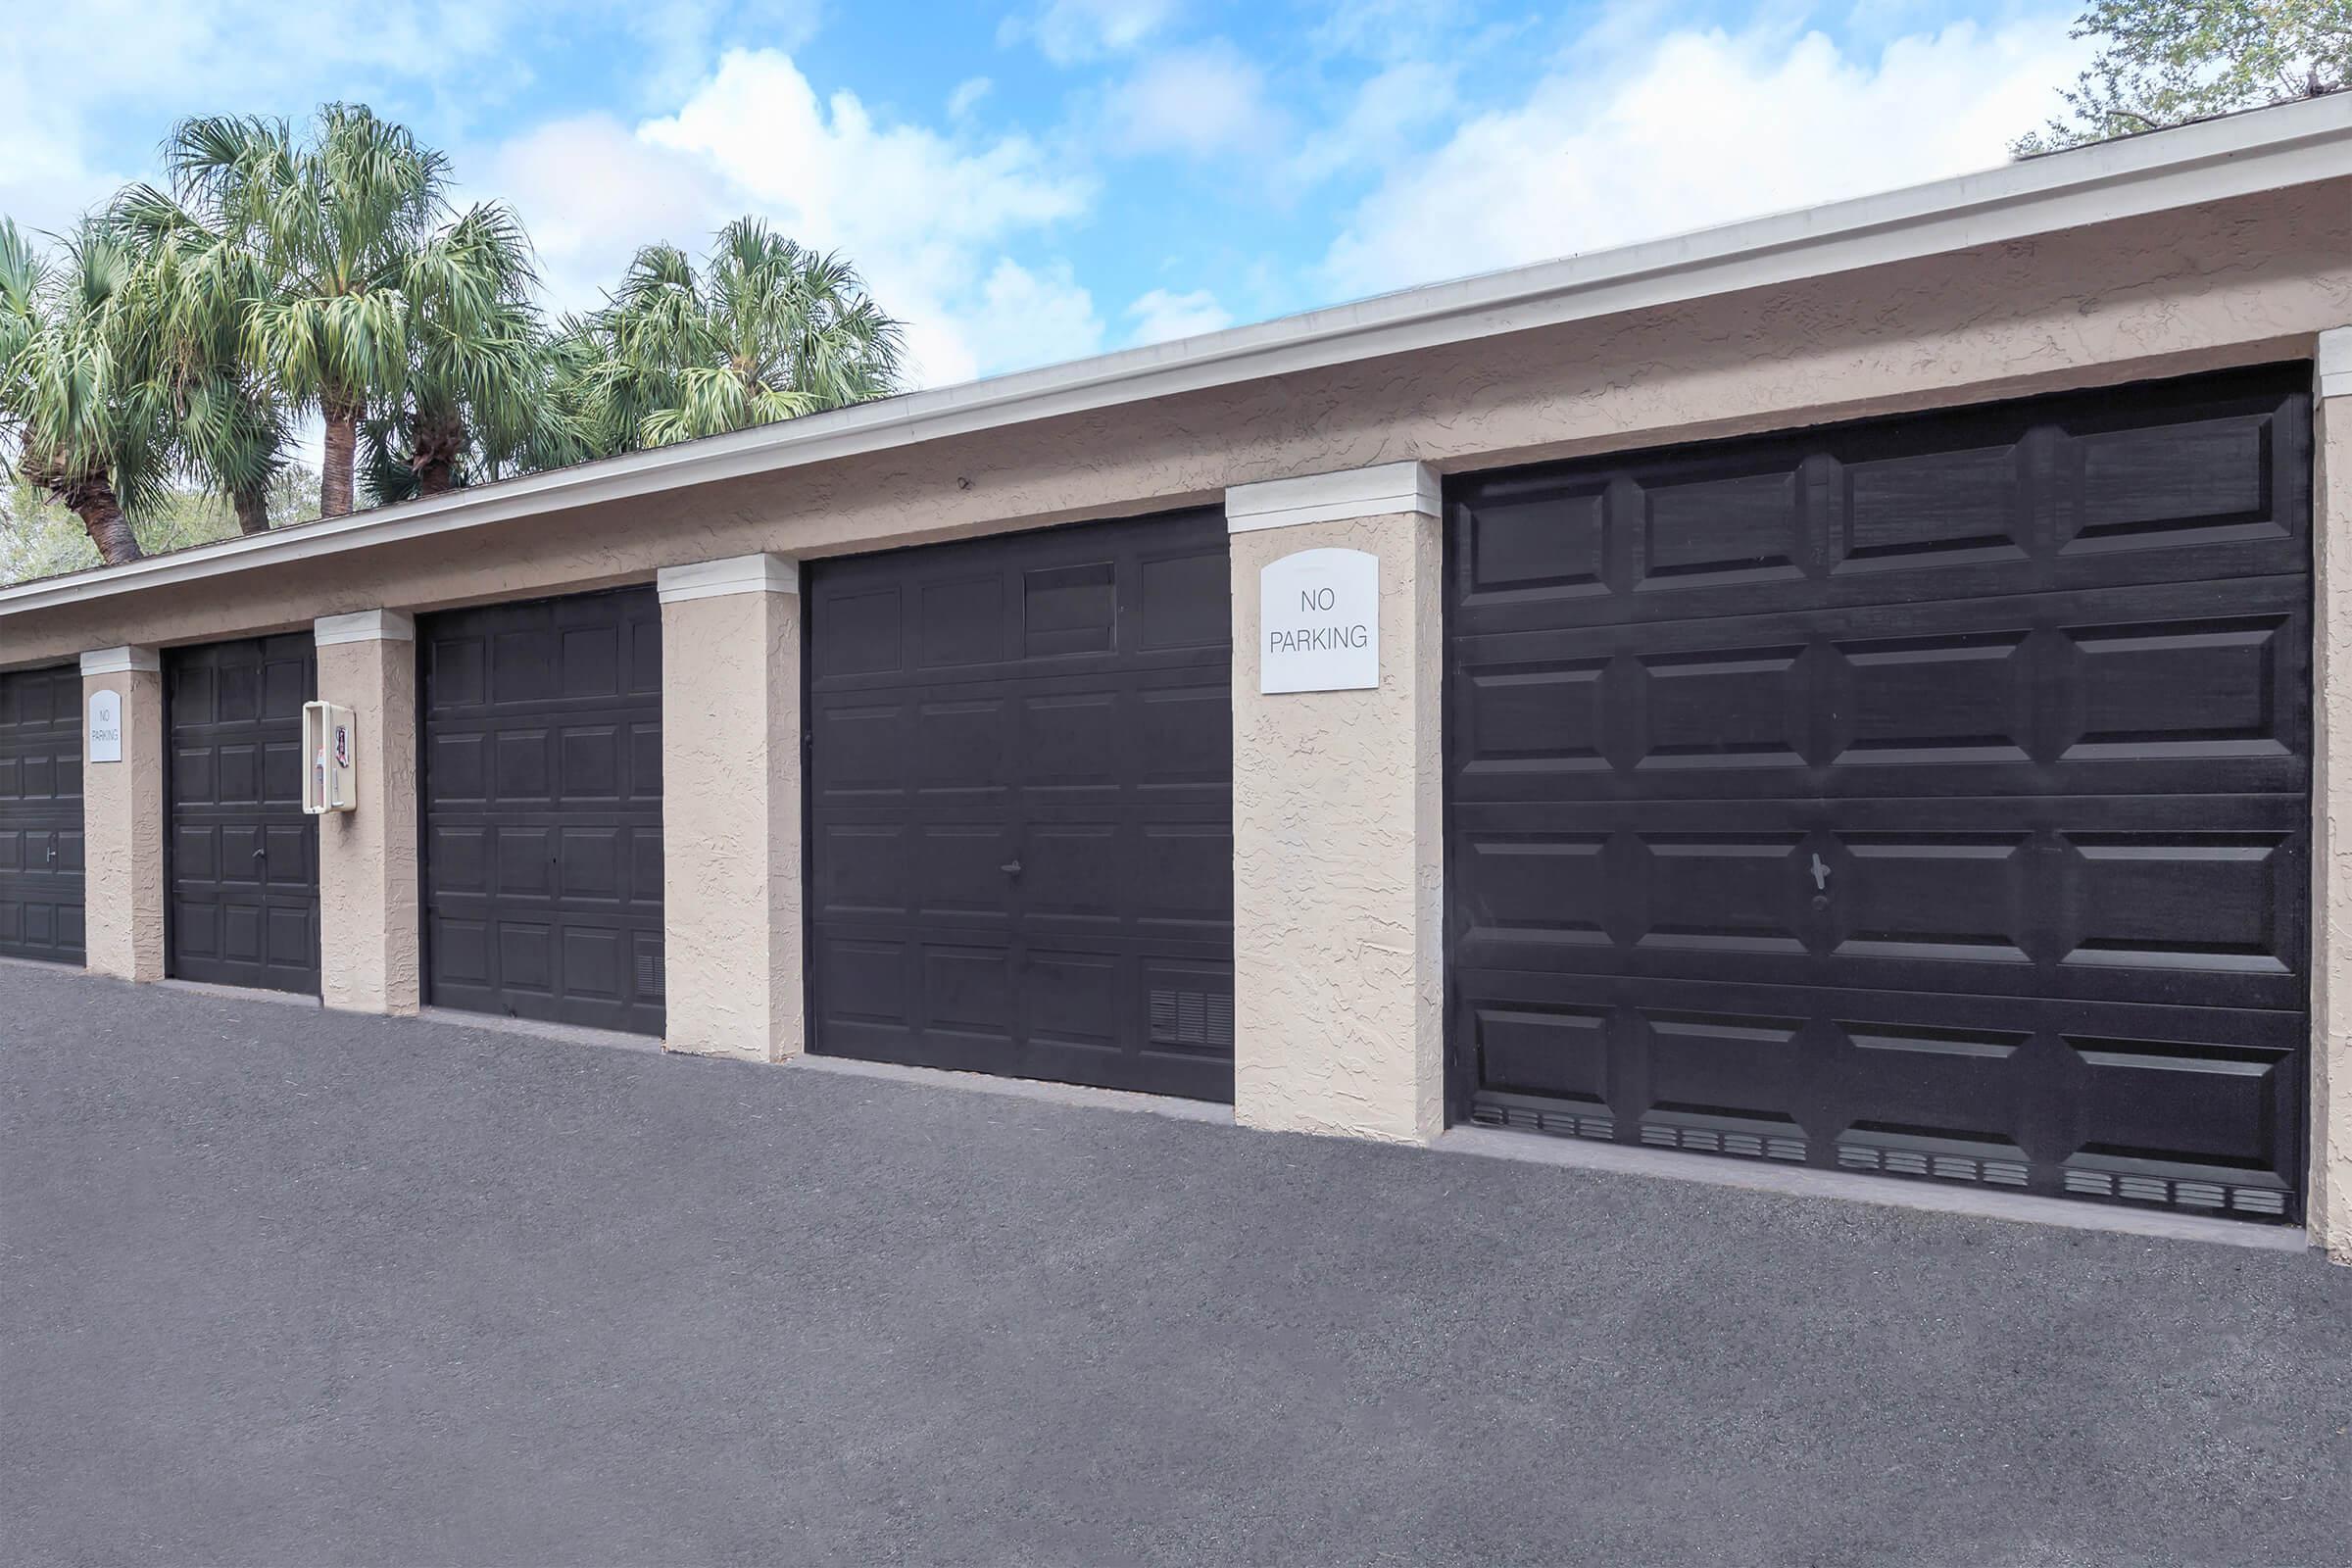 Garages at Latitude Pointe Apartments in Boynton Beach, Florida